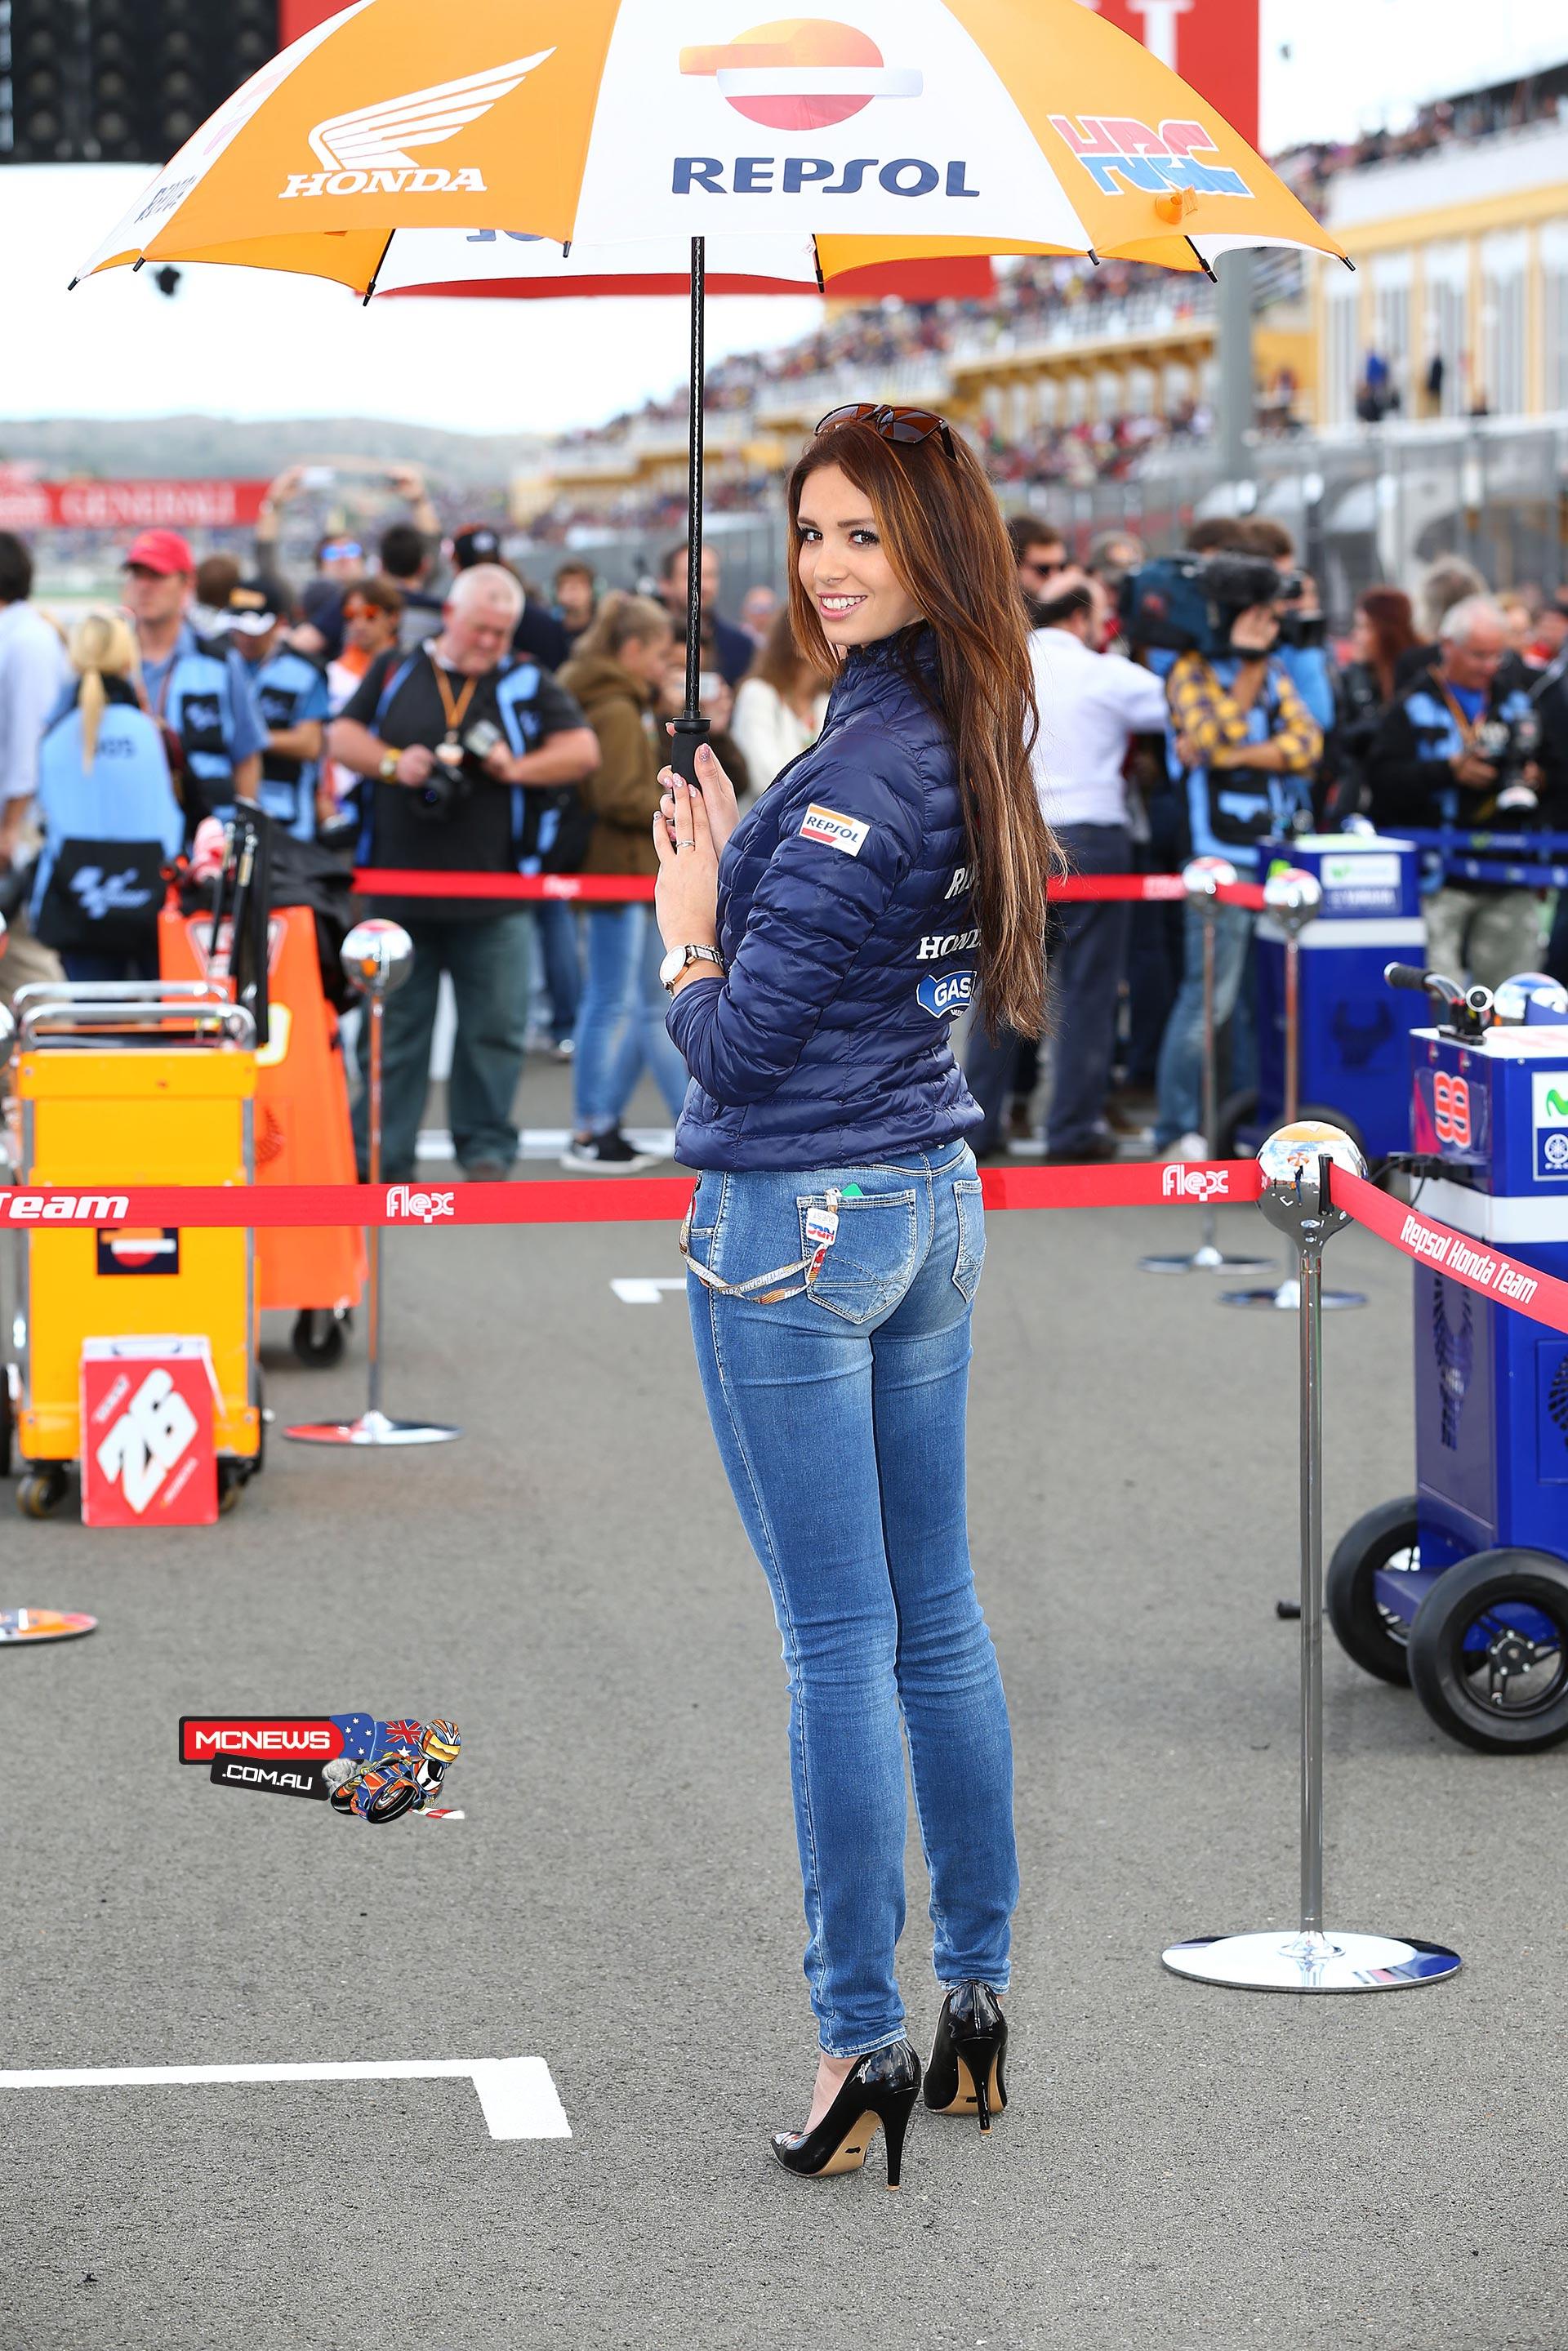 MotoGP Grid Girls of Valencia | MCNews.com.au